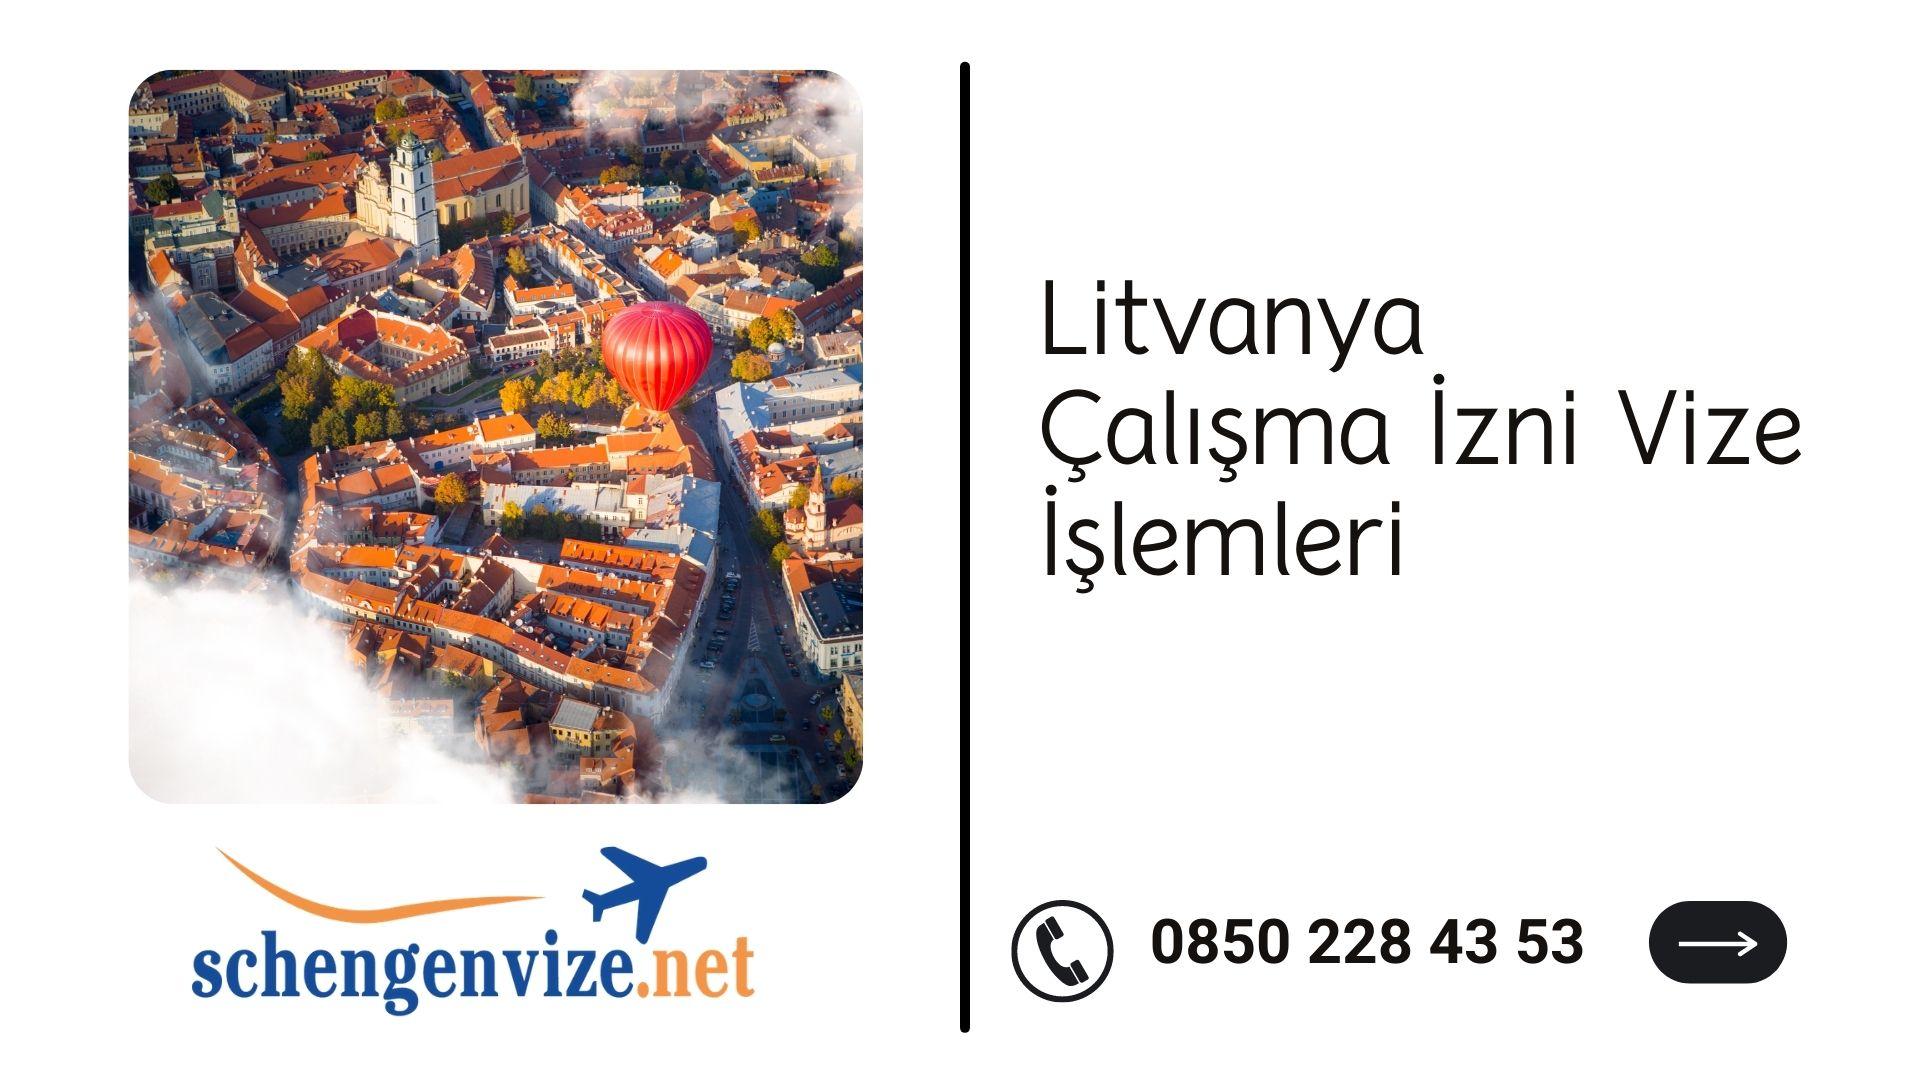 Litvanya Çalışma İzni Vize İşlemleri